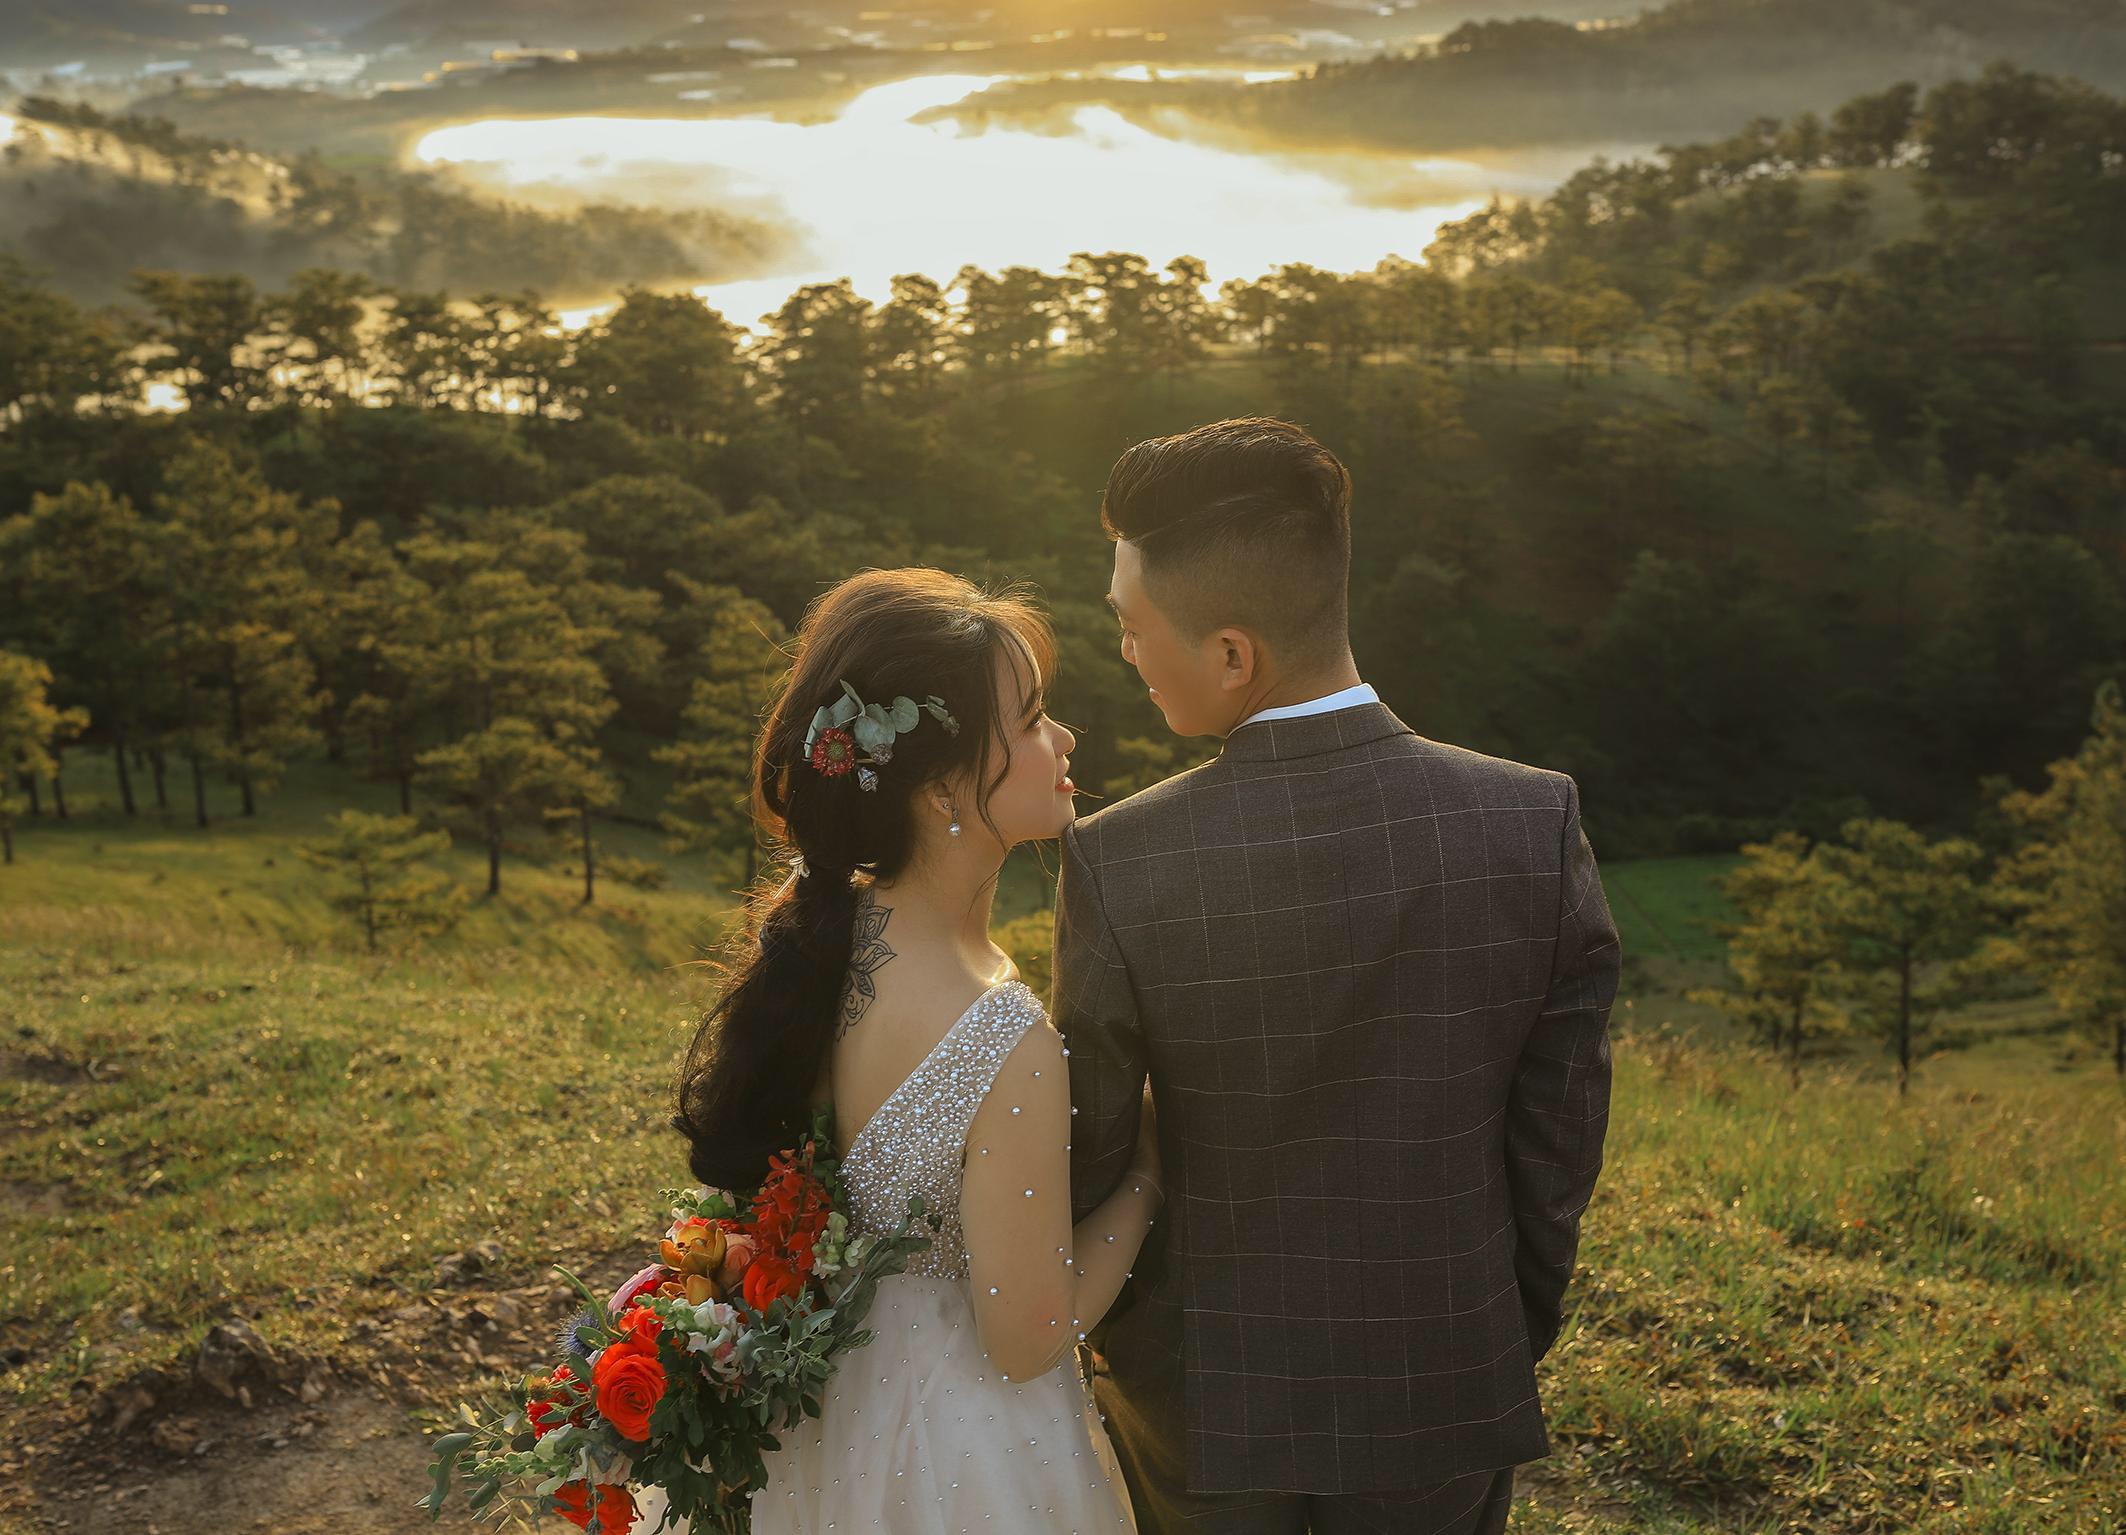 Xếp hạng 5 Studio chụp ảnh cưới đẹp nhất Lâm Đồng - Khánh An Bridal